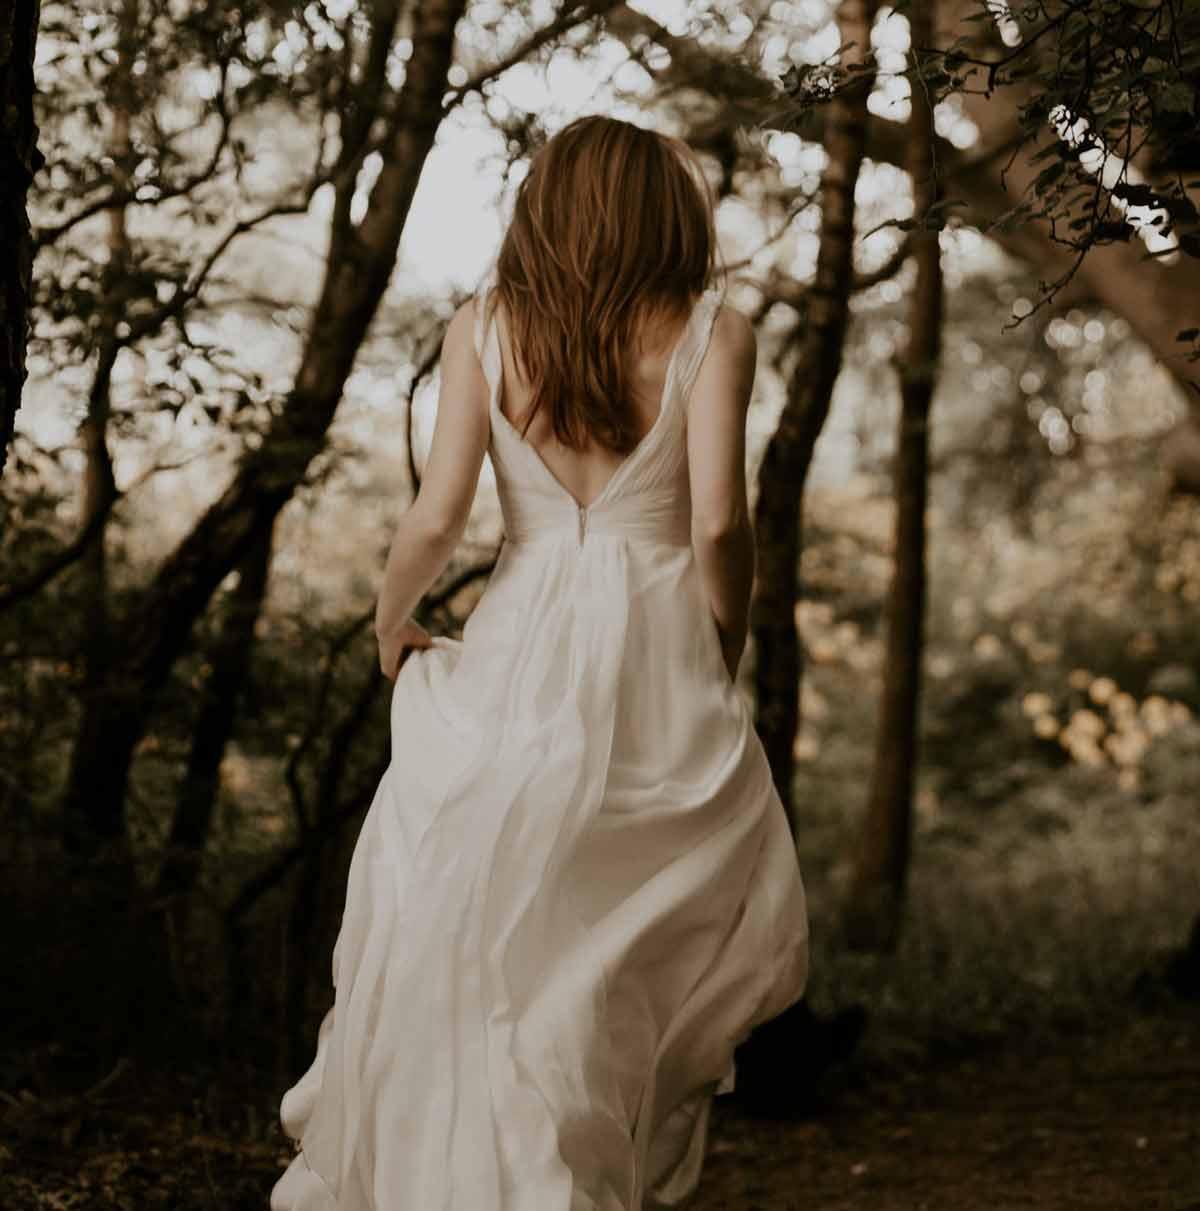 Ślub w plenerze - jaką suknię ślubną wybrać? - Zdjęcie główne